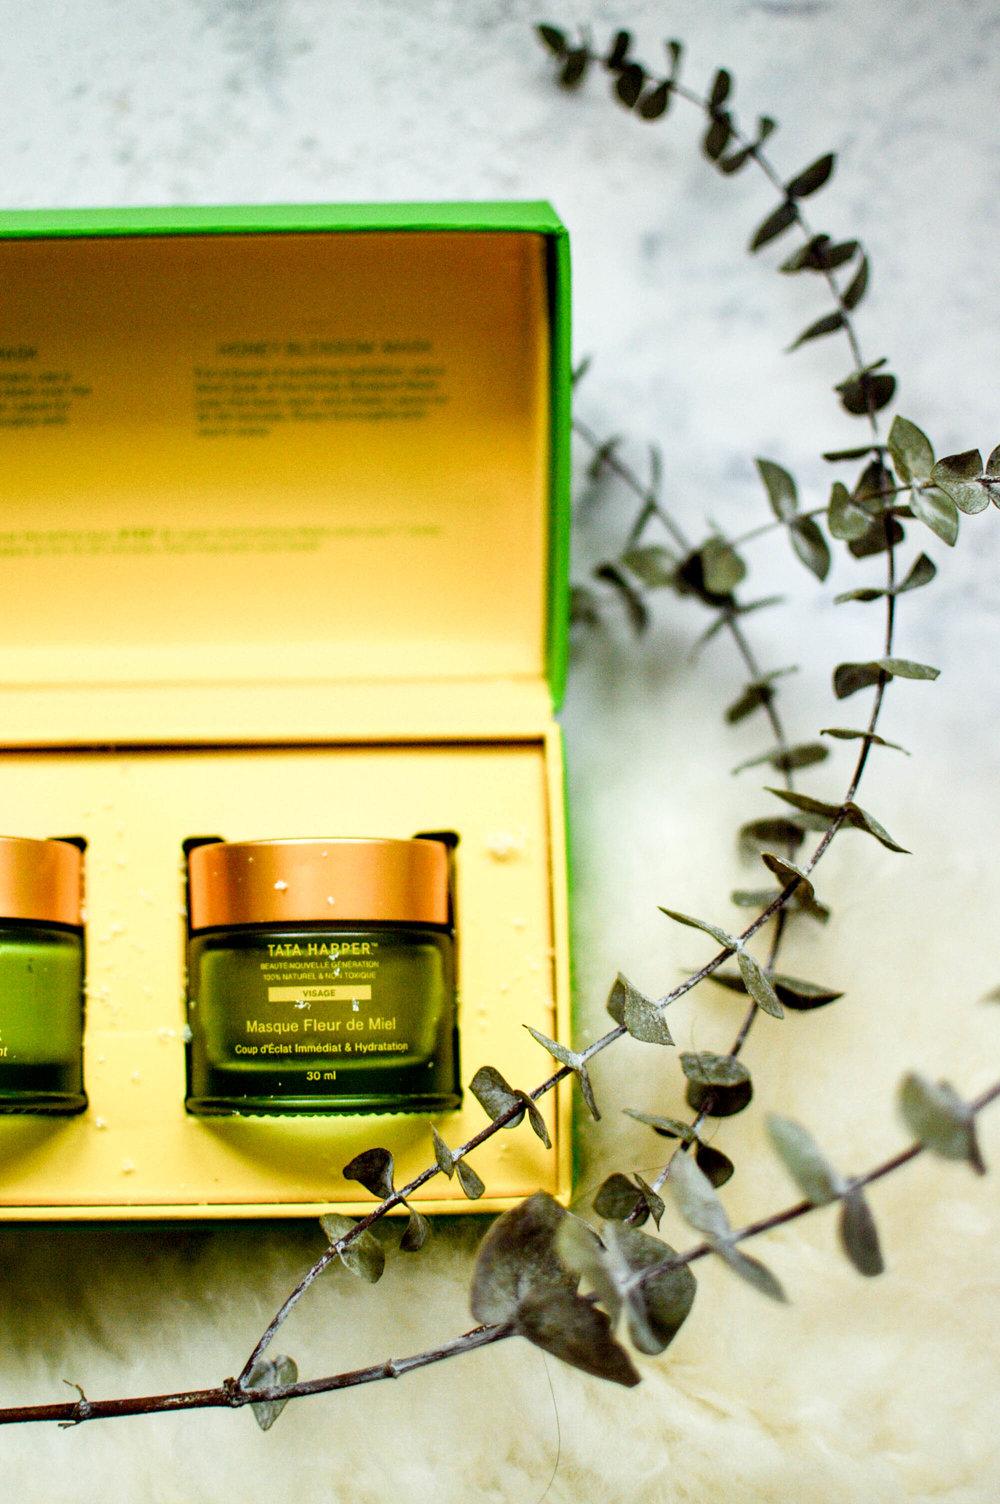 Last Minute Beauty Gifts via. www.birdieshoots.com